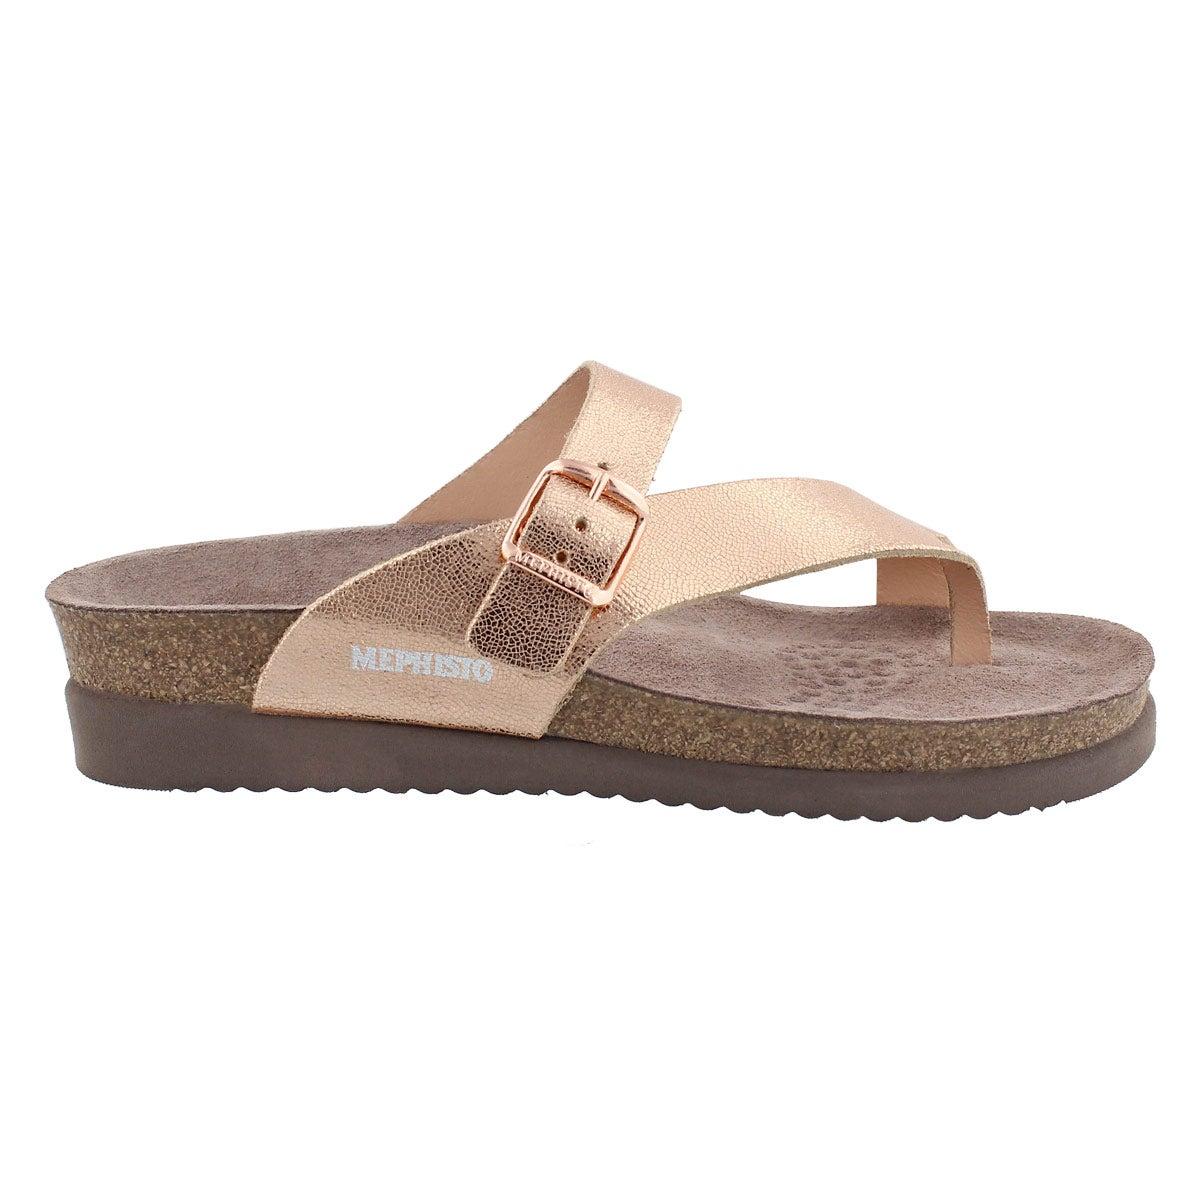 Lds Helen gold cork footbed thong